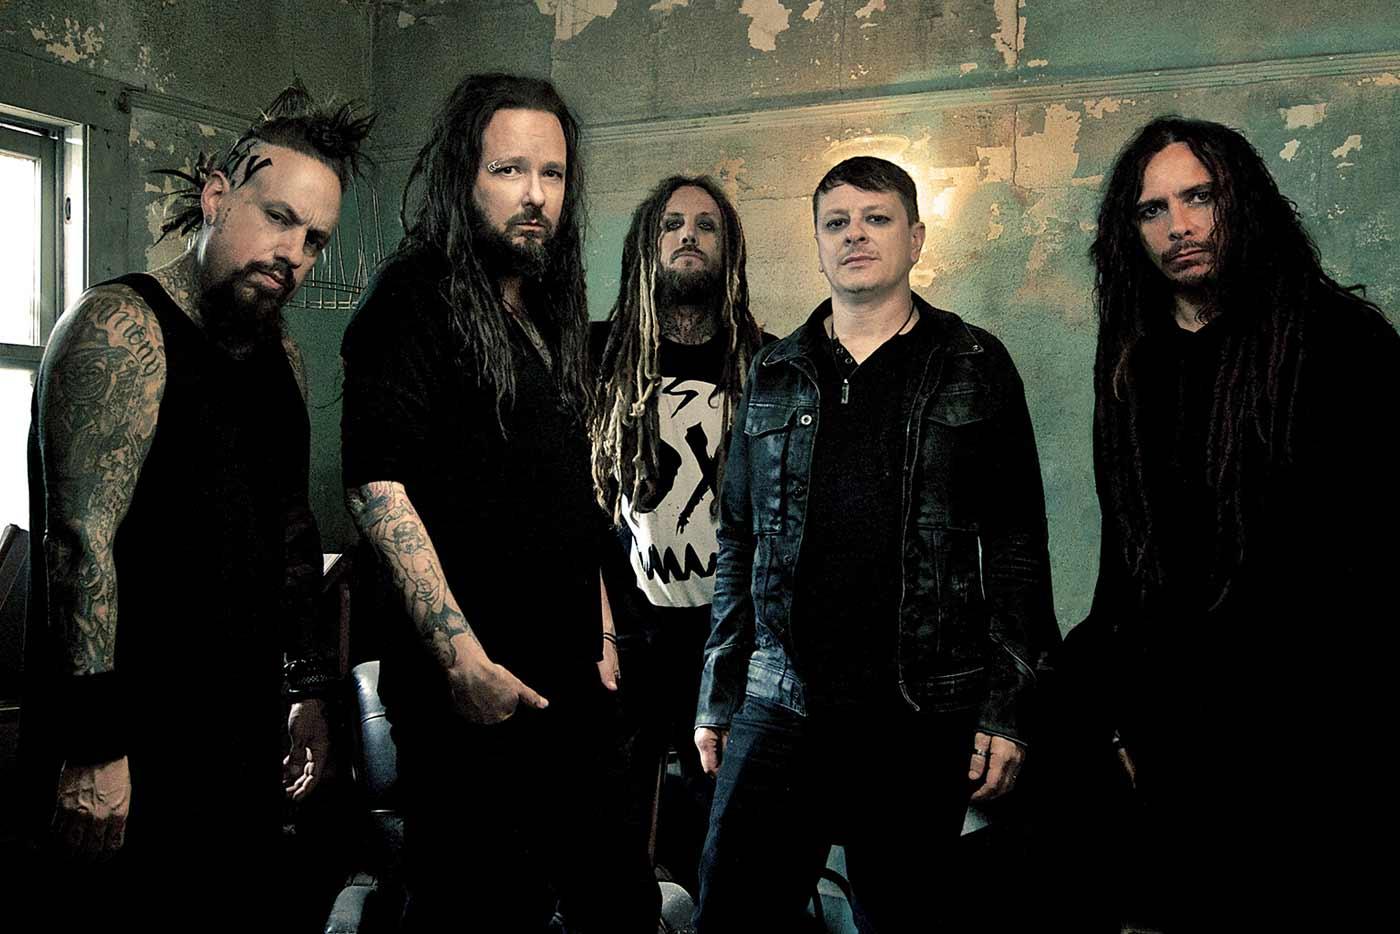 Anunciados los detalles (teloneros incluidos) de la gira de Korn